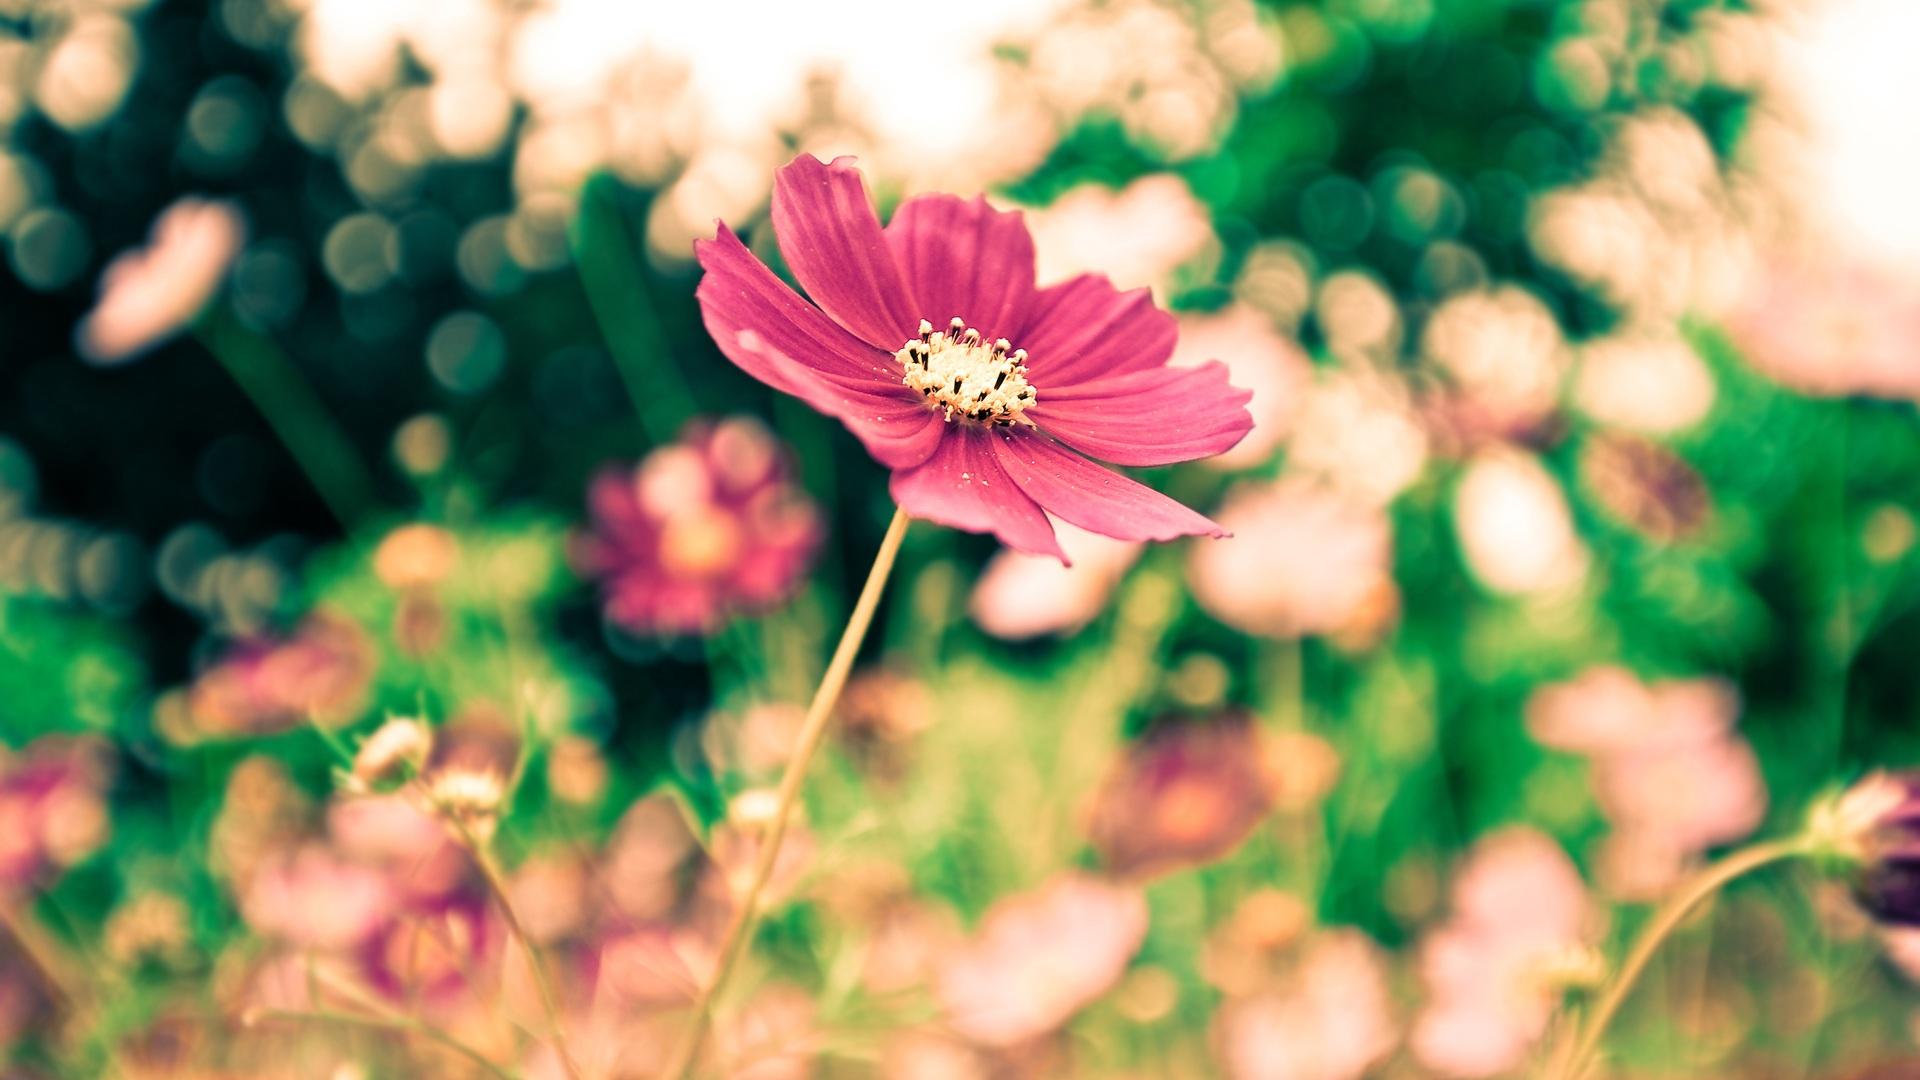 公園赤い花ぼかし写真撮影 Pc壁紙 オトナ女子向け オシャレな